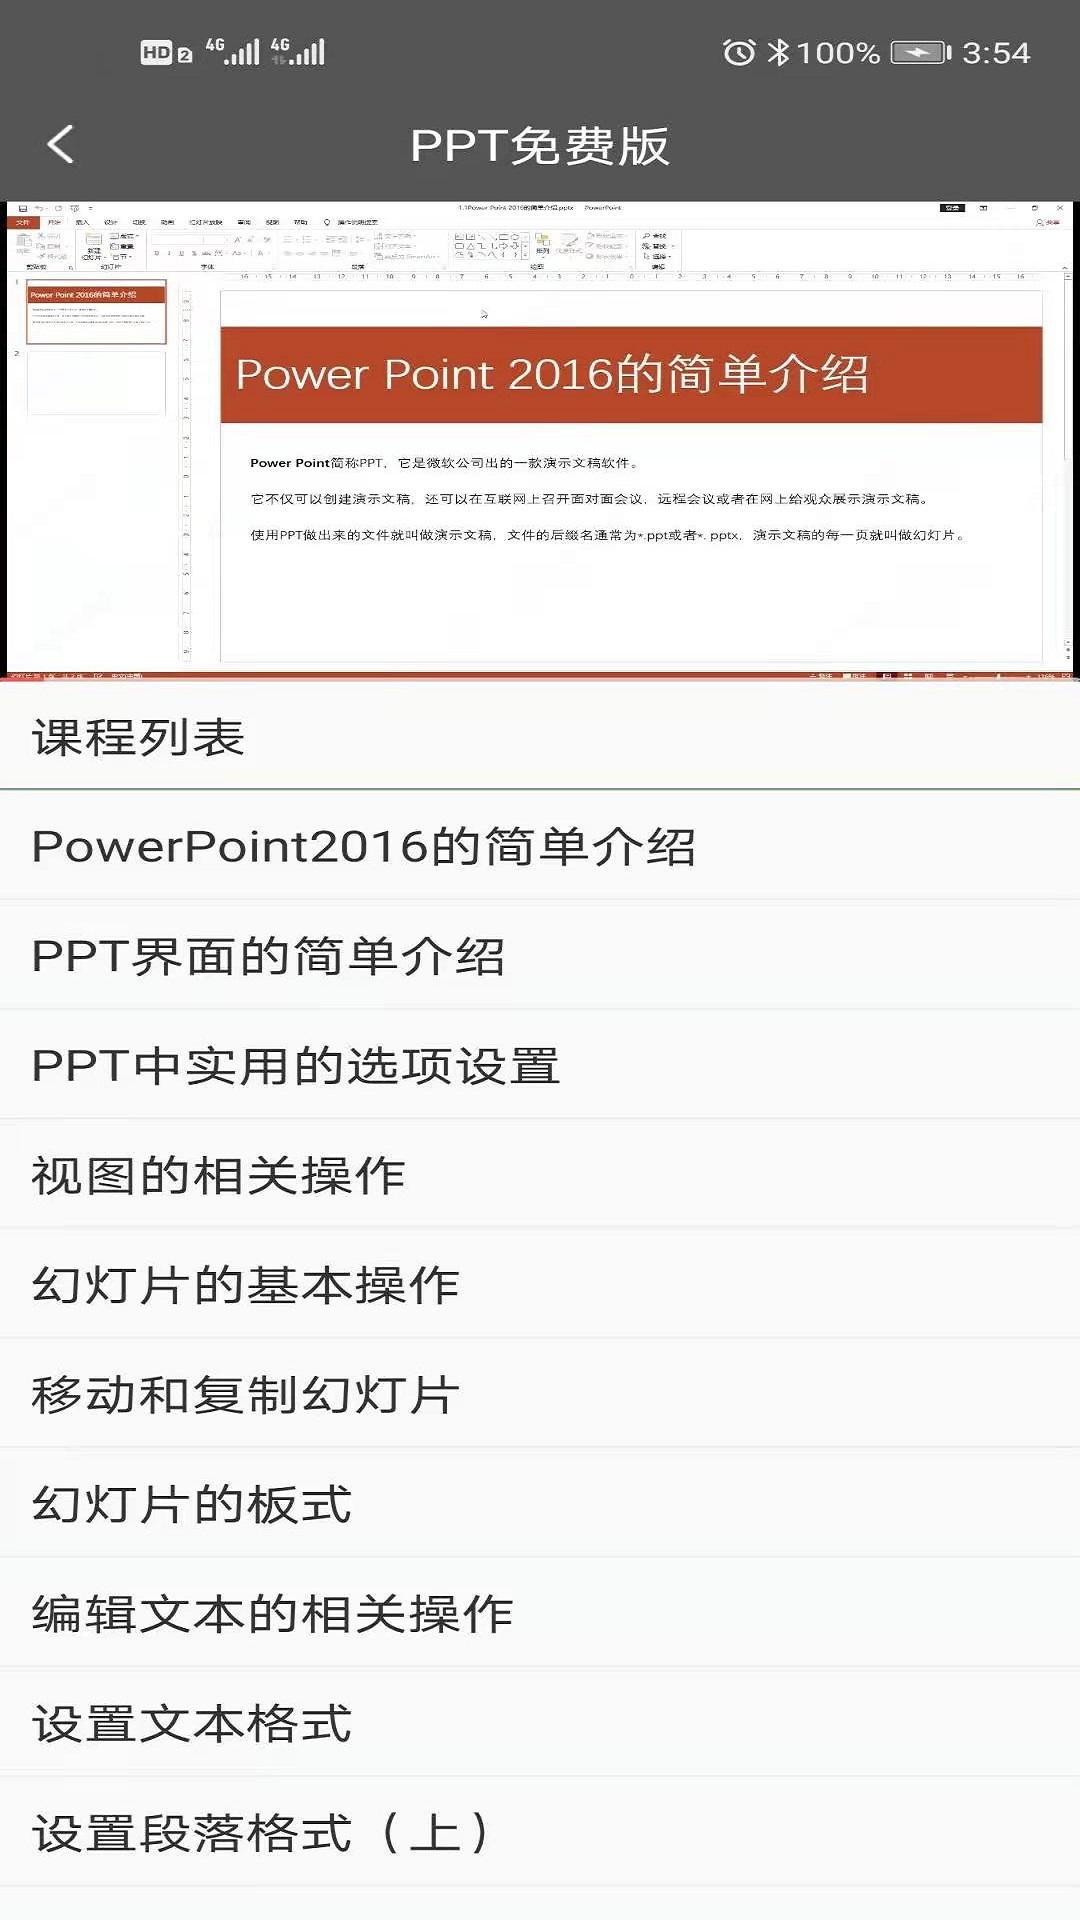 蓝猫PPT V1.0.2 安卓版截图1